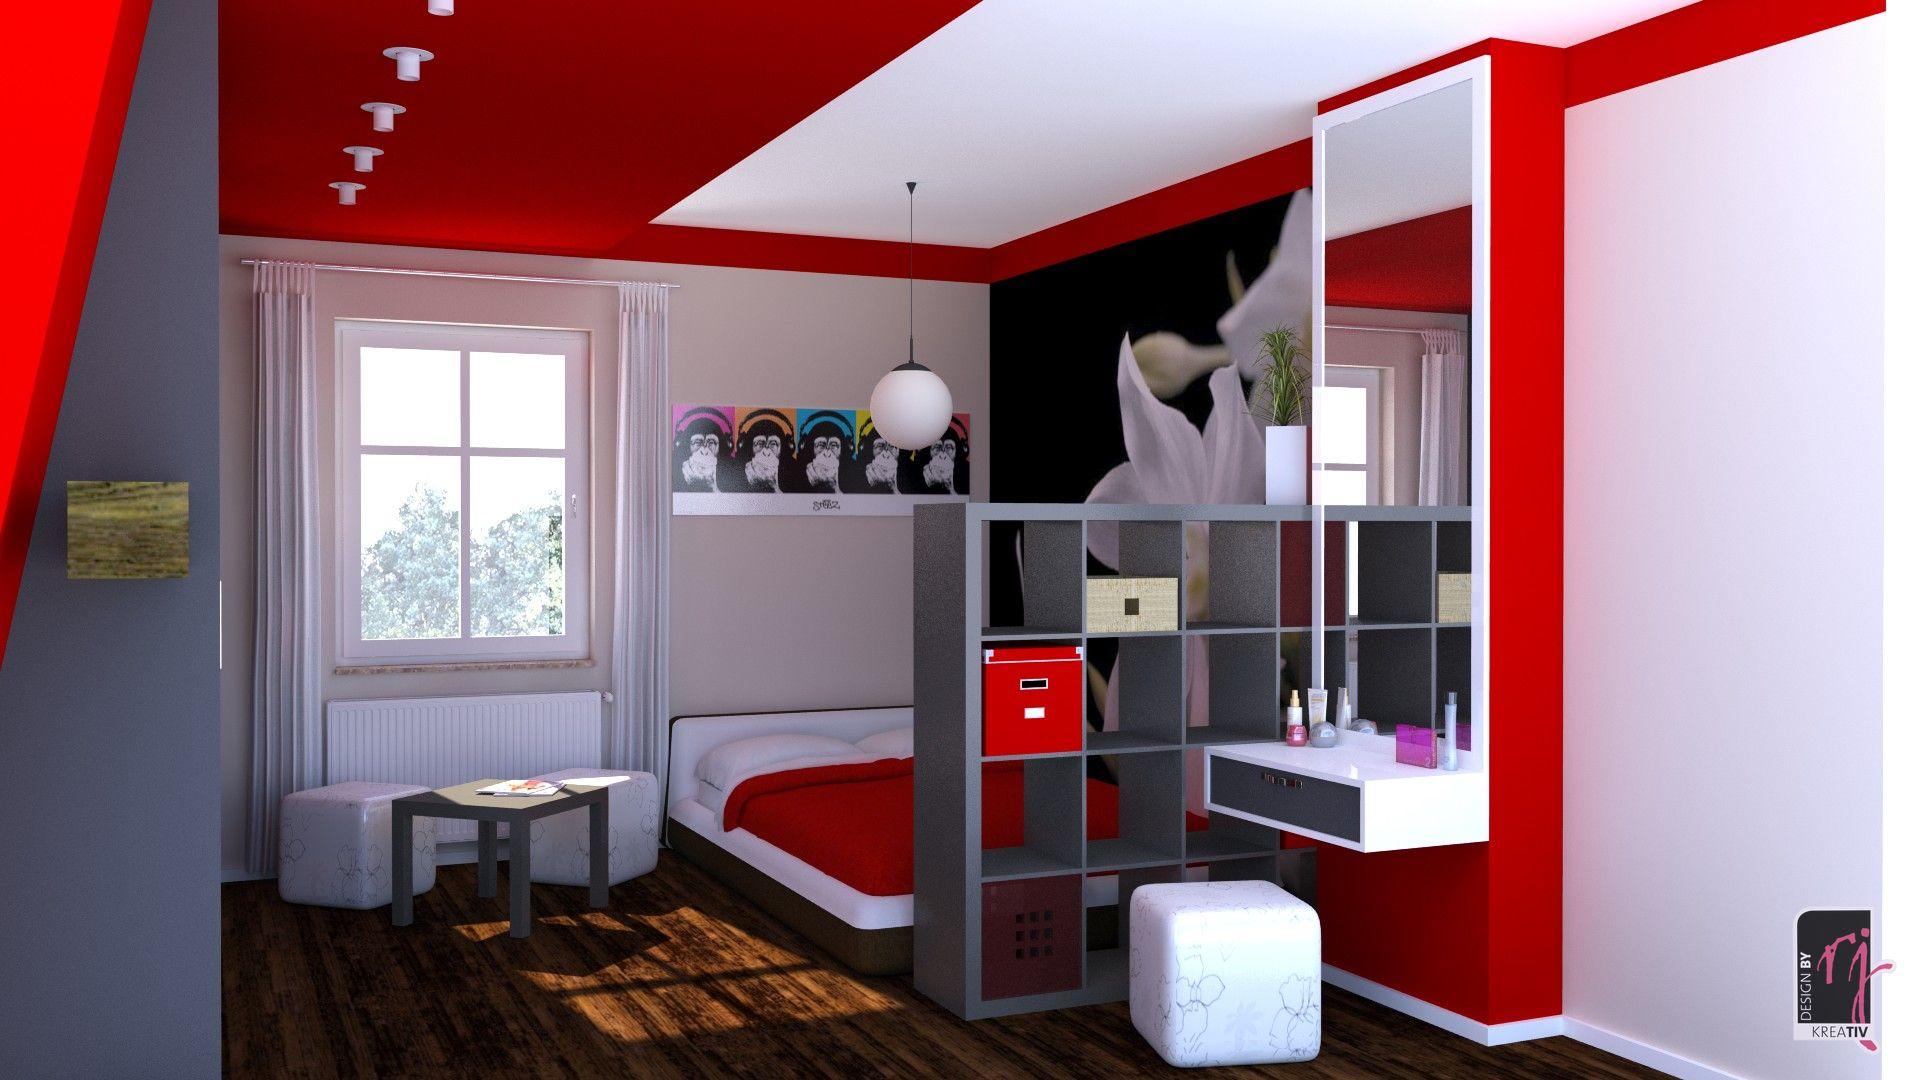 Referenz Umbau Jugendzimmer – rj-KREATIV